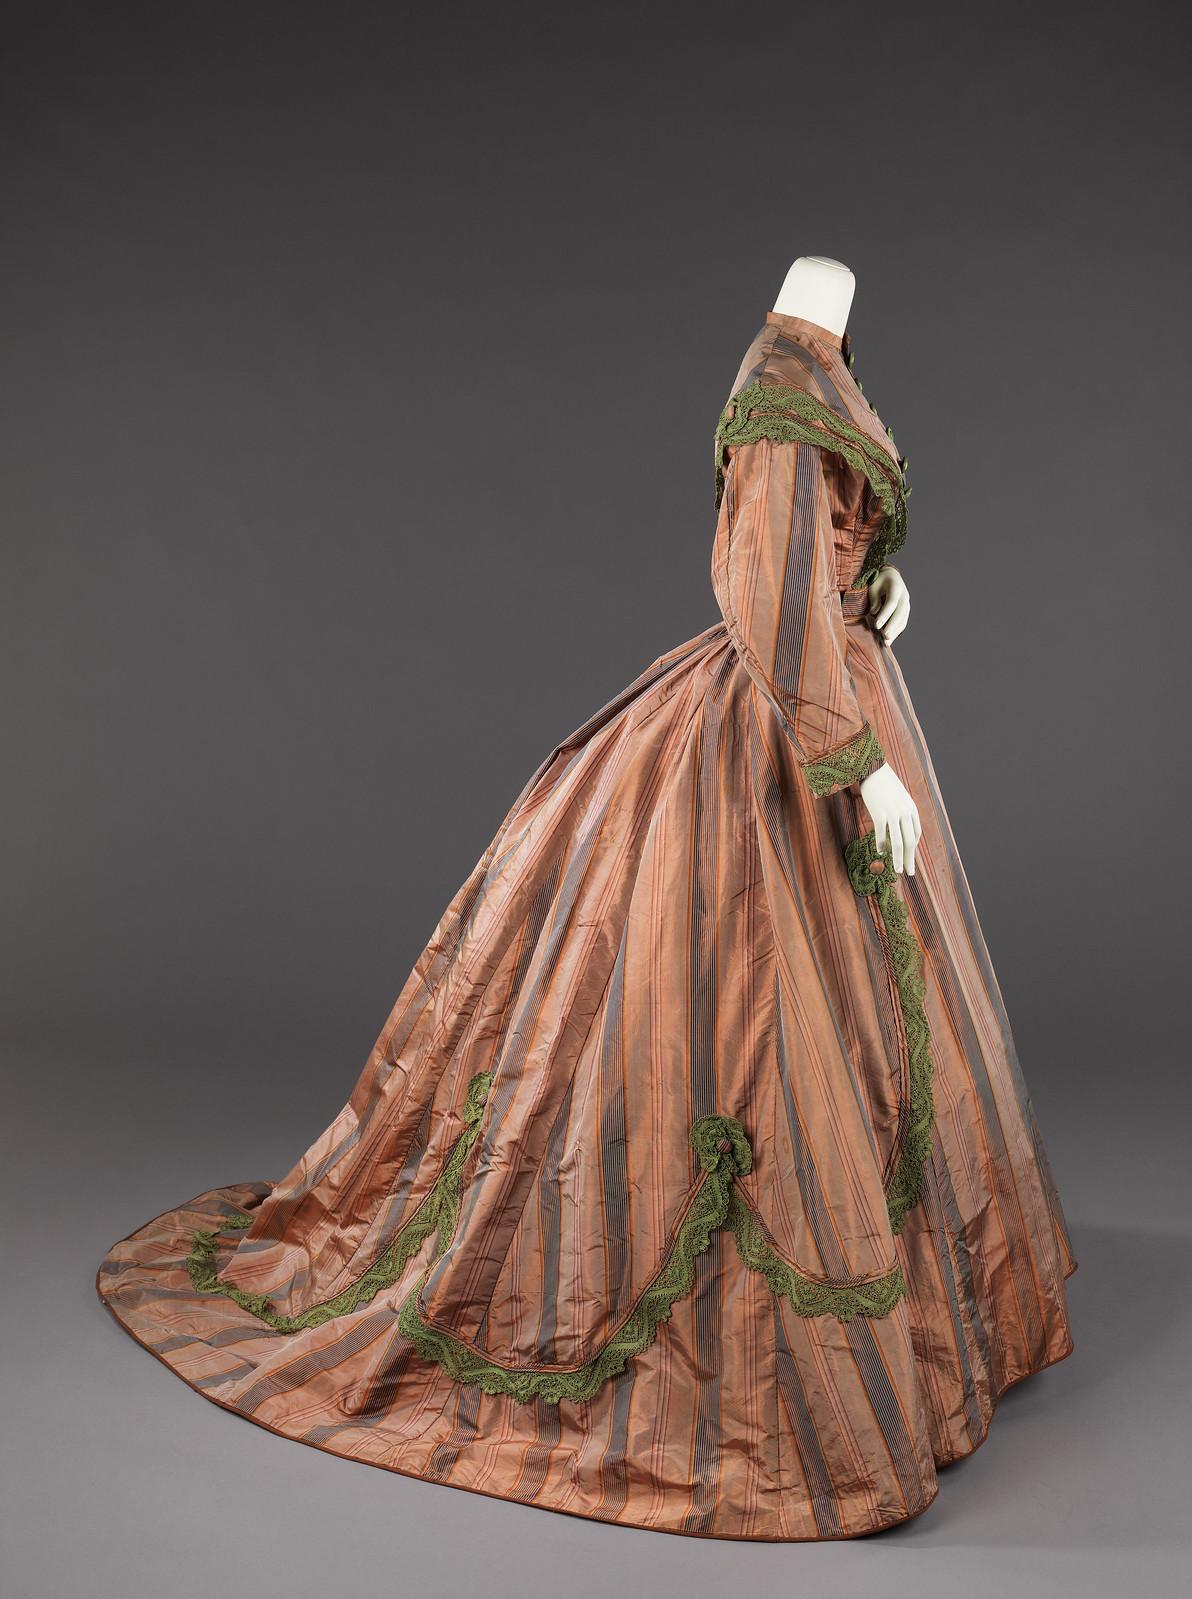 c. 1865. American. silk. metmuseum